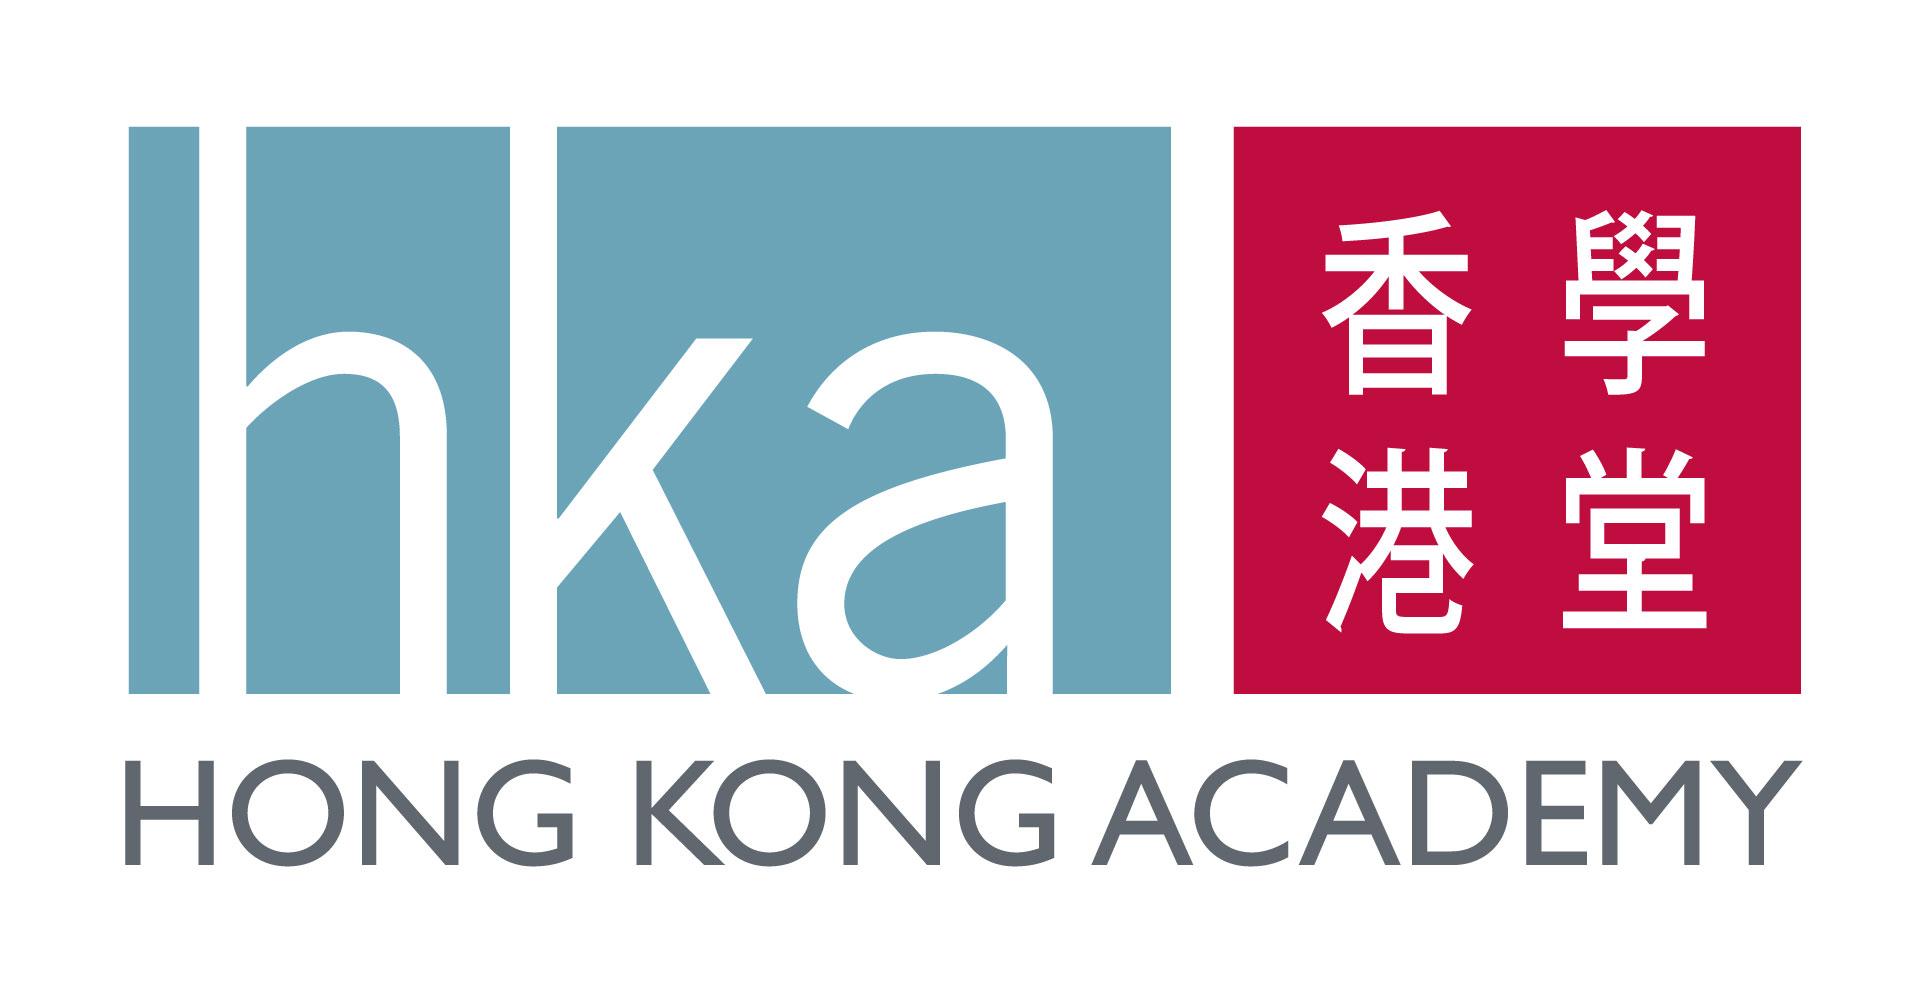 Hong Kong Academy